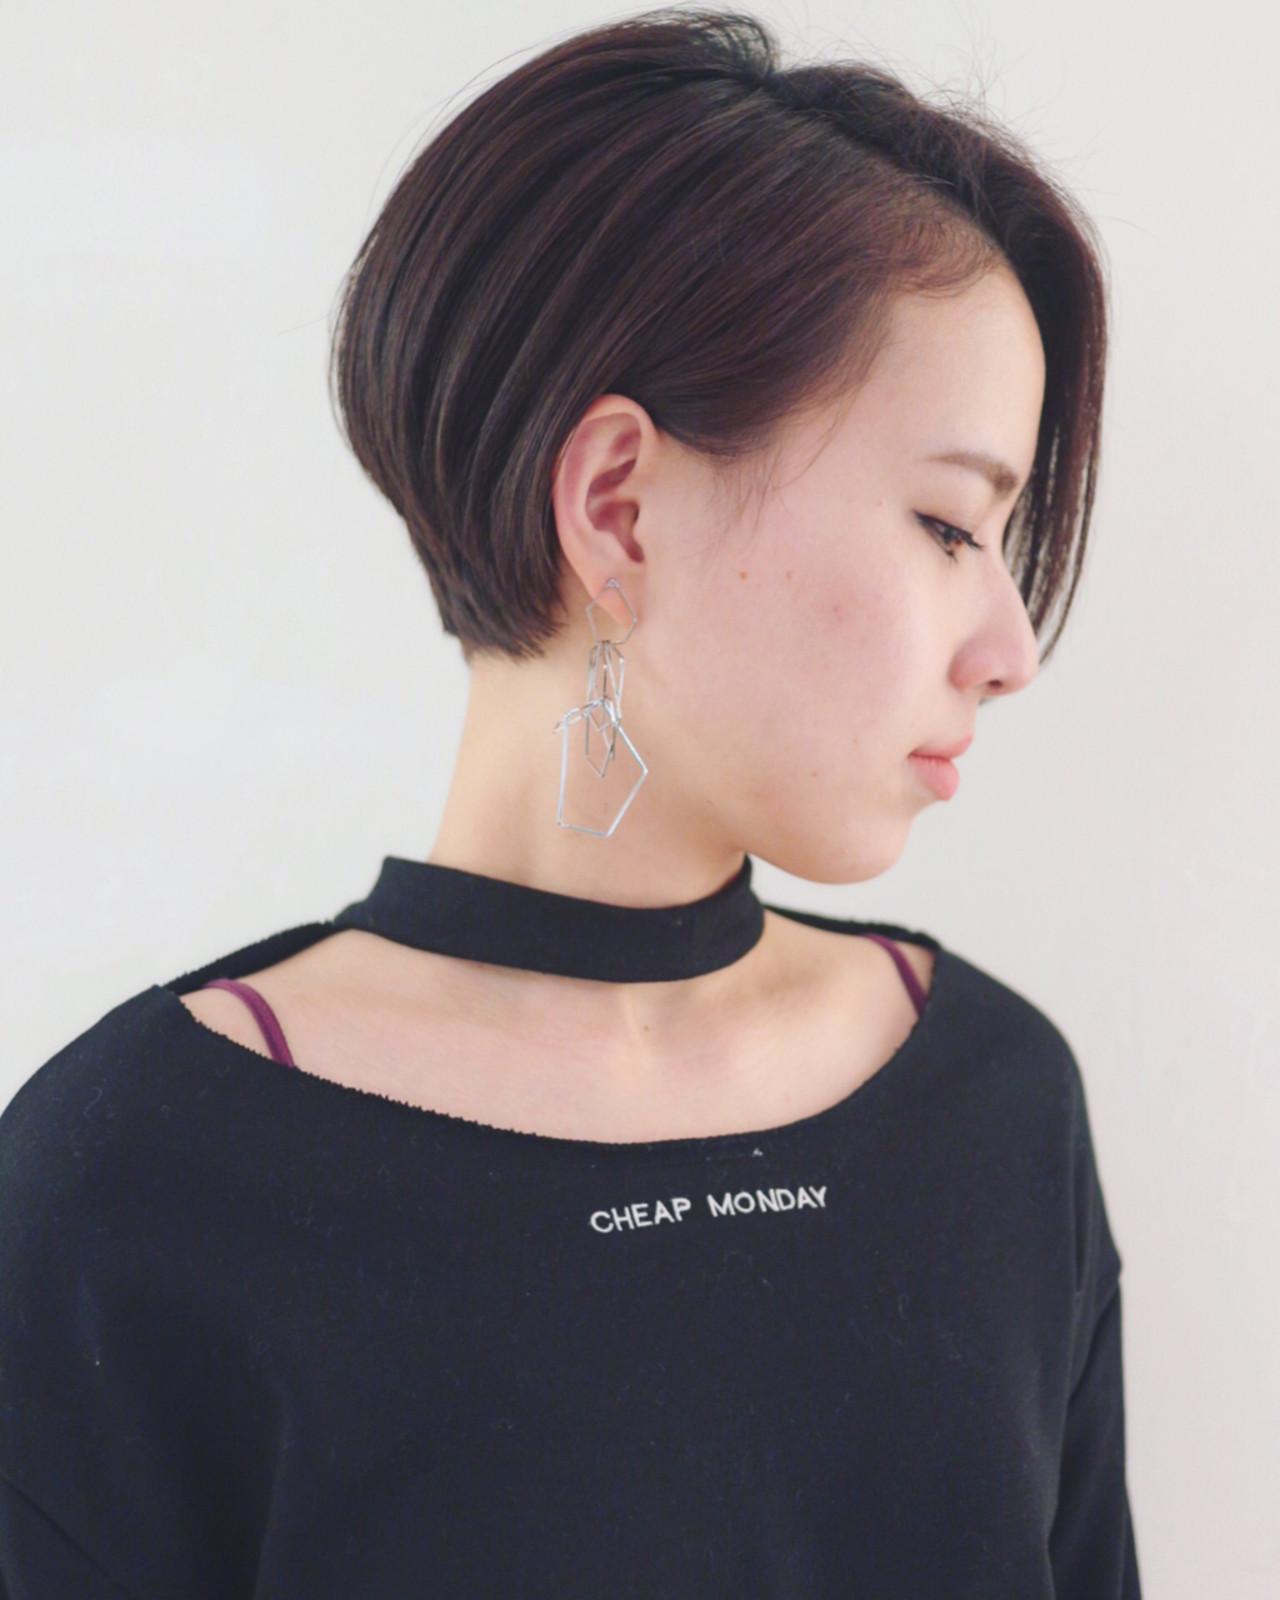 黒髪 かっこいい ショート モード ヘアスタイルや髪型の写真・画像